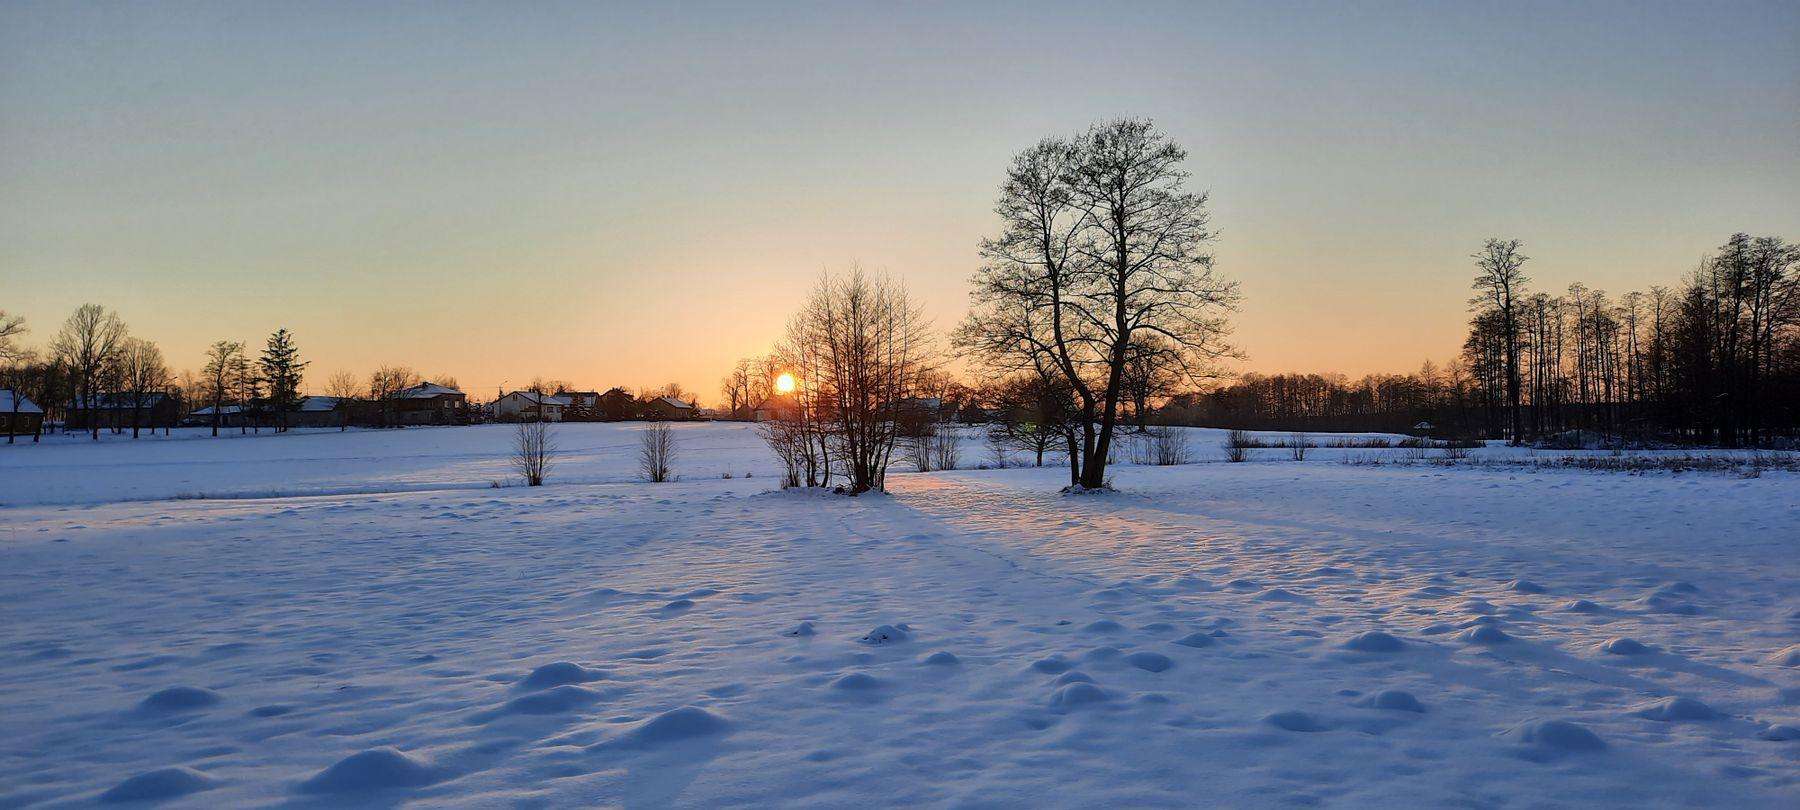 Перед закатом зима снег